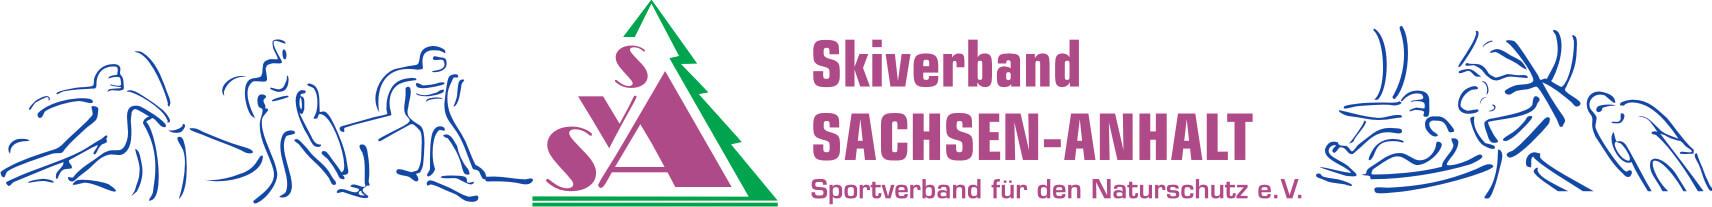 Skiverband Sachsen-Anhalt